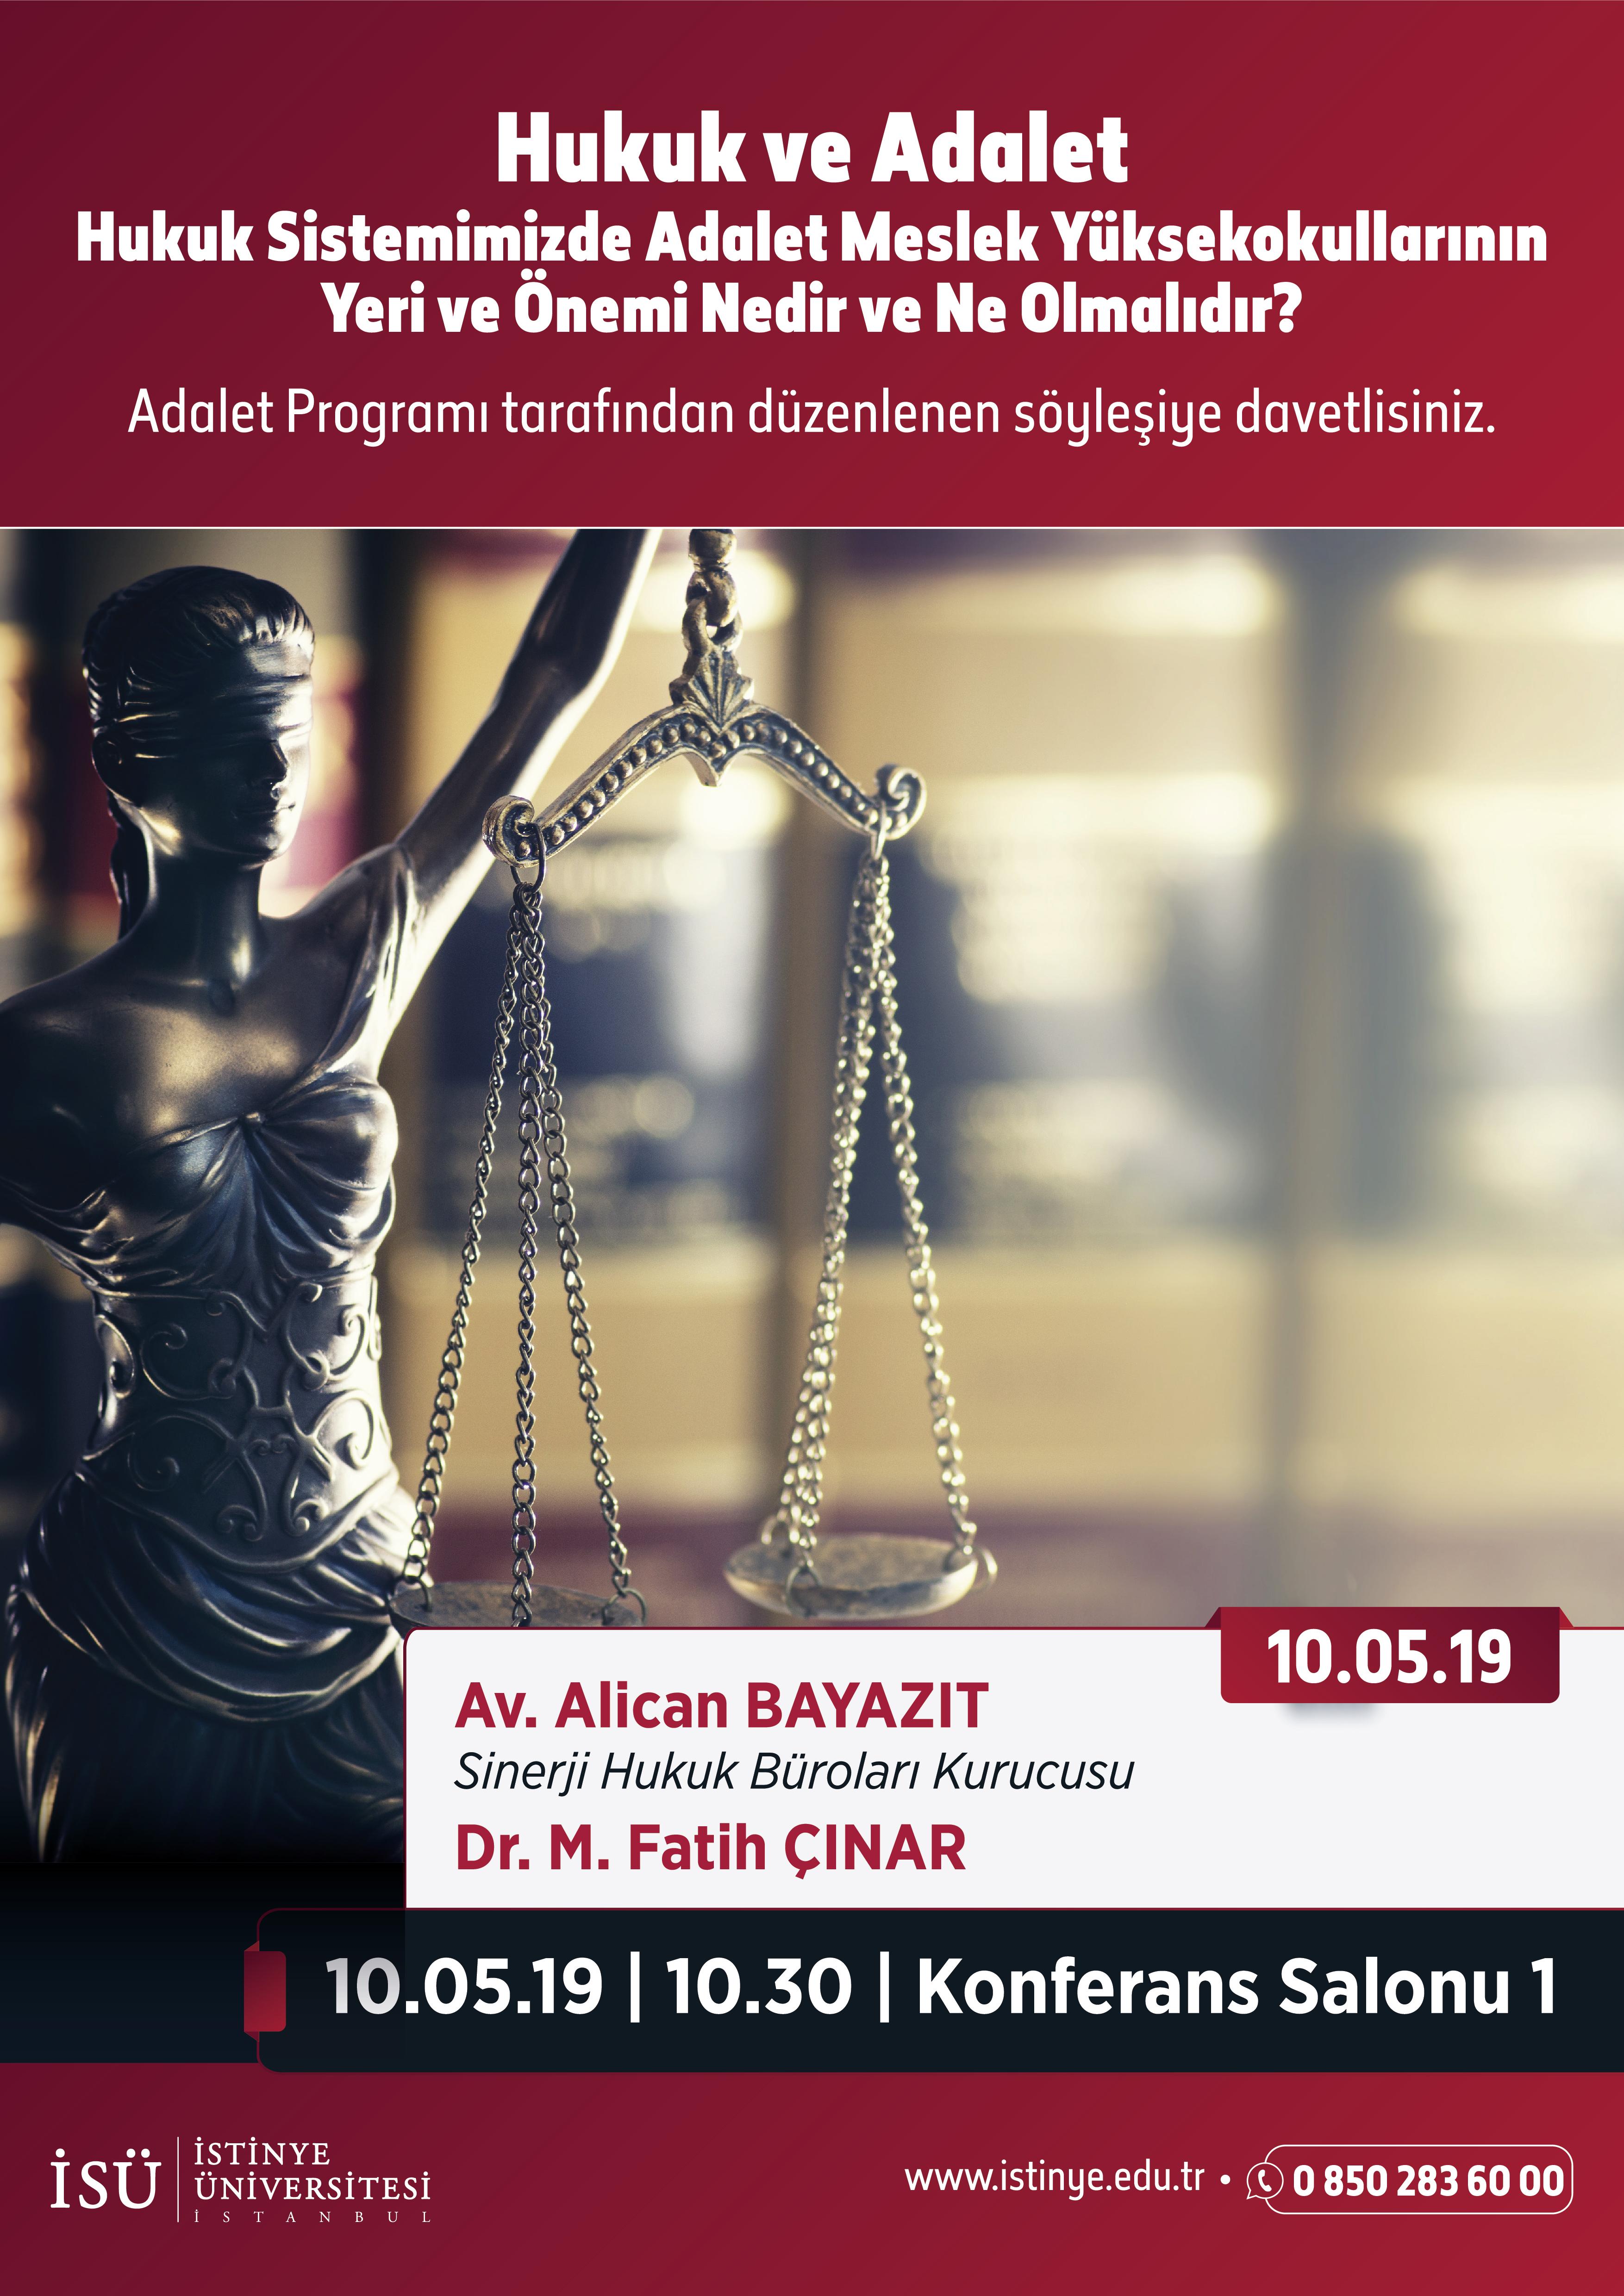 hukuk ve adalet hukuk sistemimizde adalet meslek yuksekokullarinin yeri ve onemi nedir ve ne olmalidir istinye universitesi